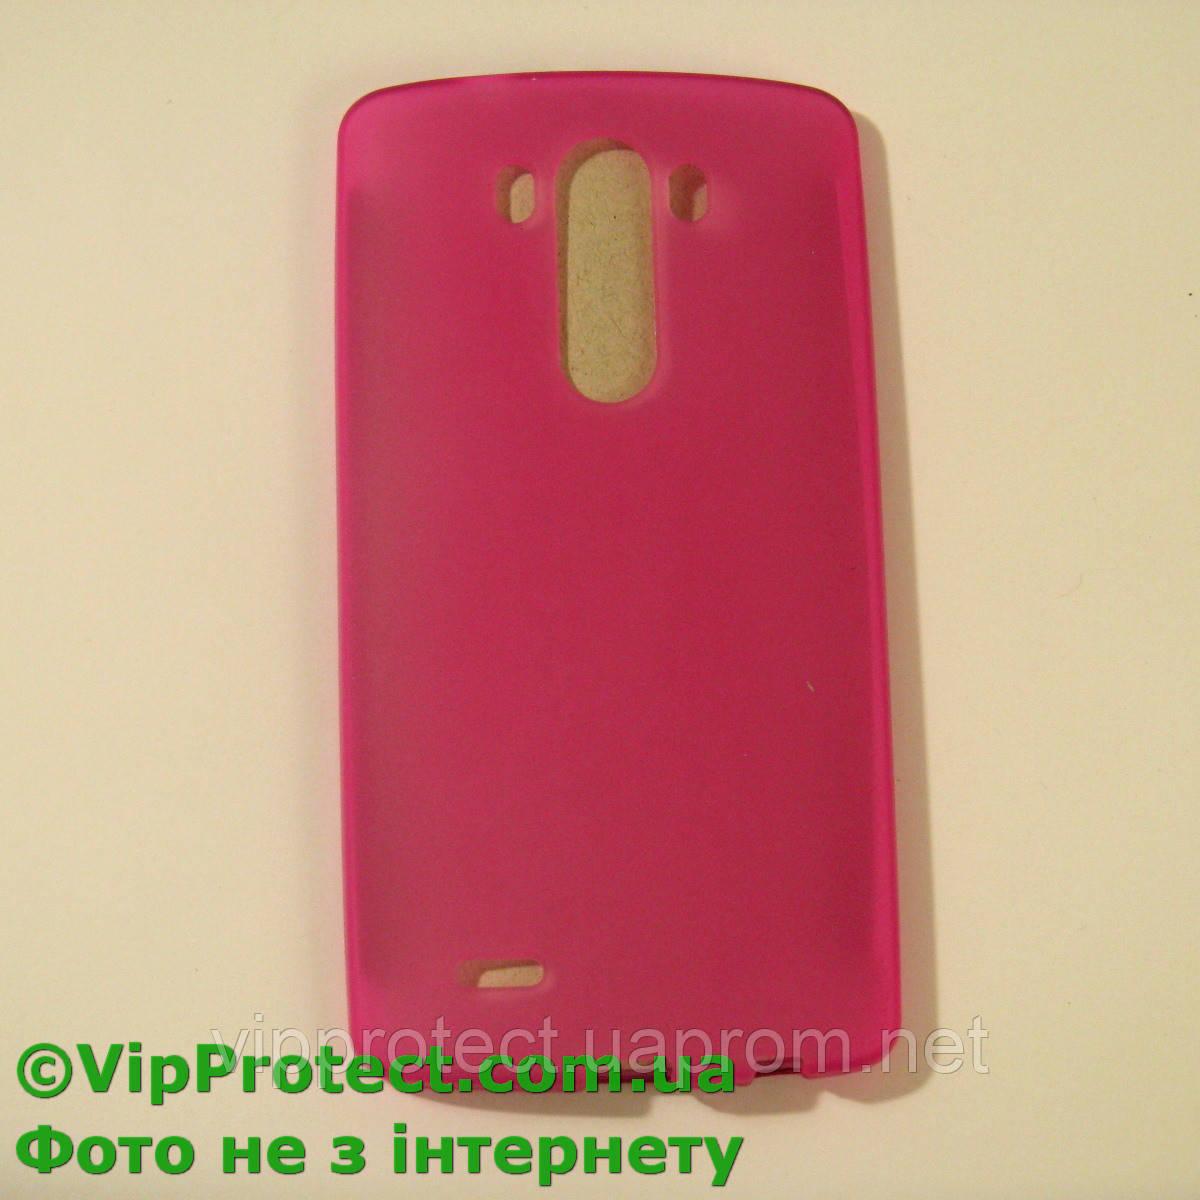 LG_D855_G3, розовый силиконовый чехол